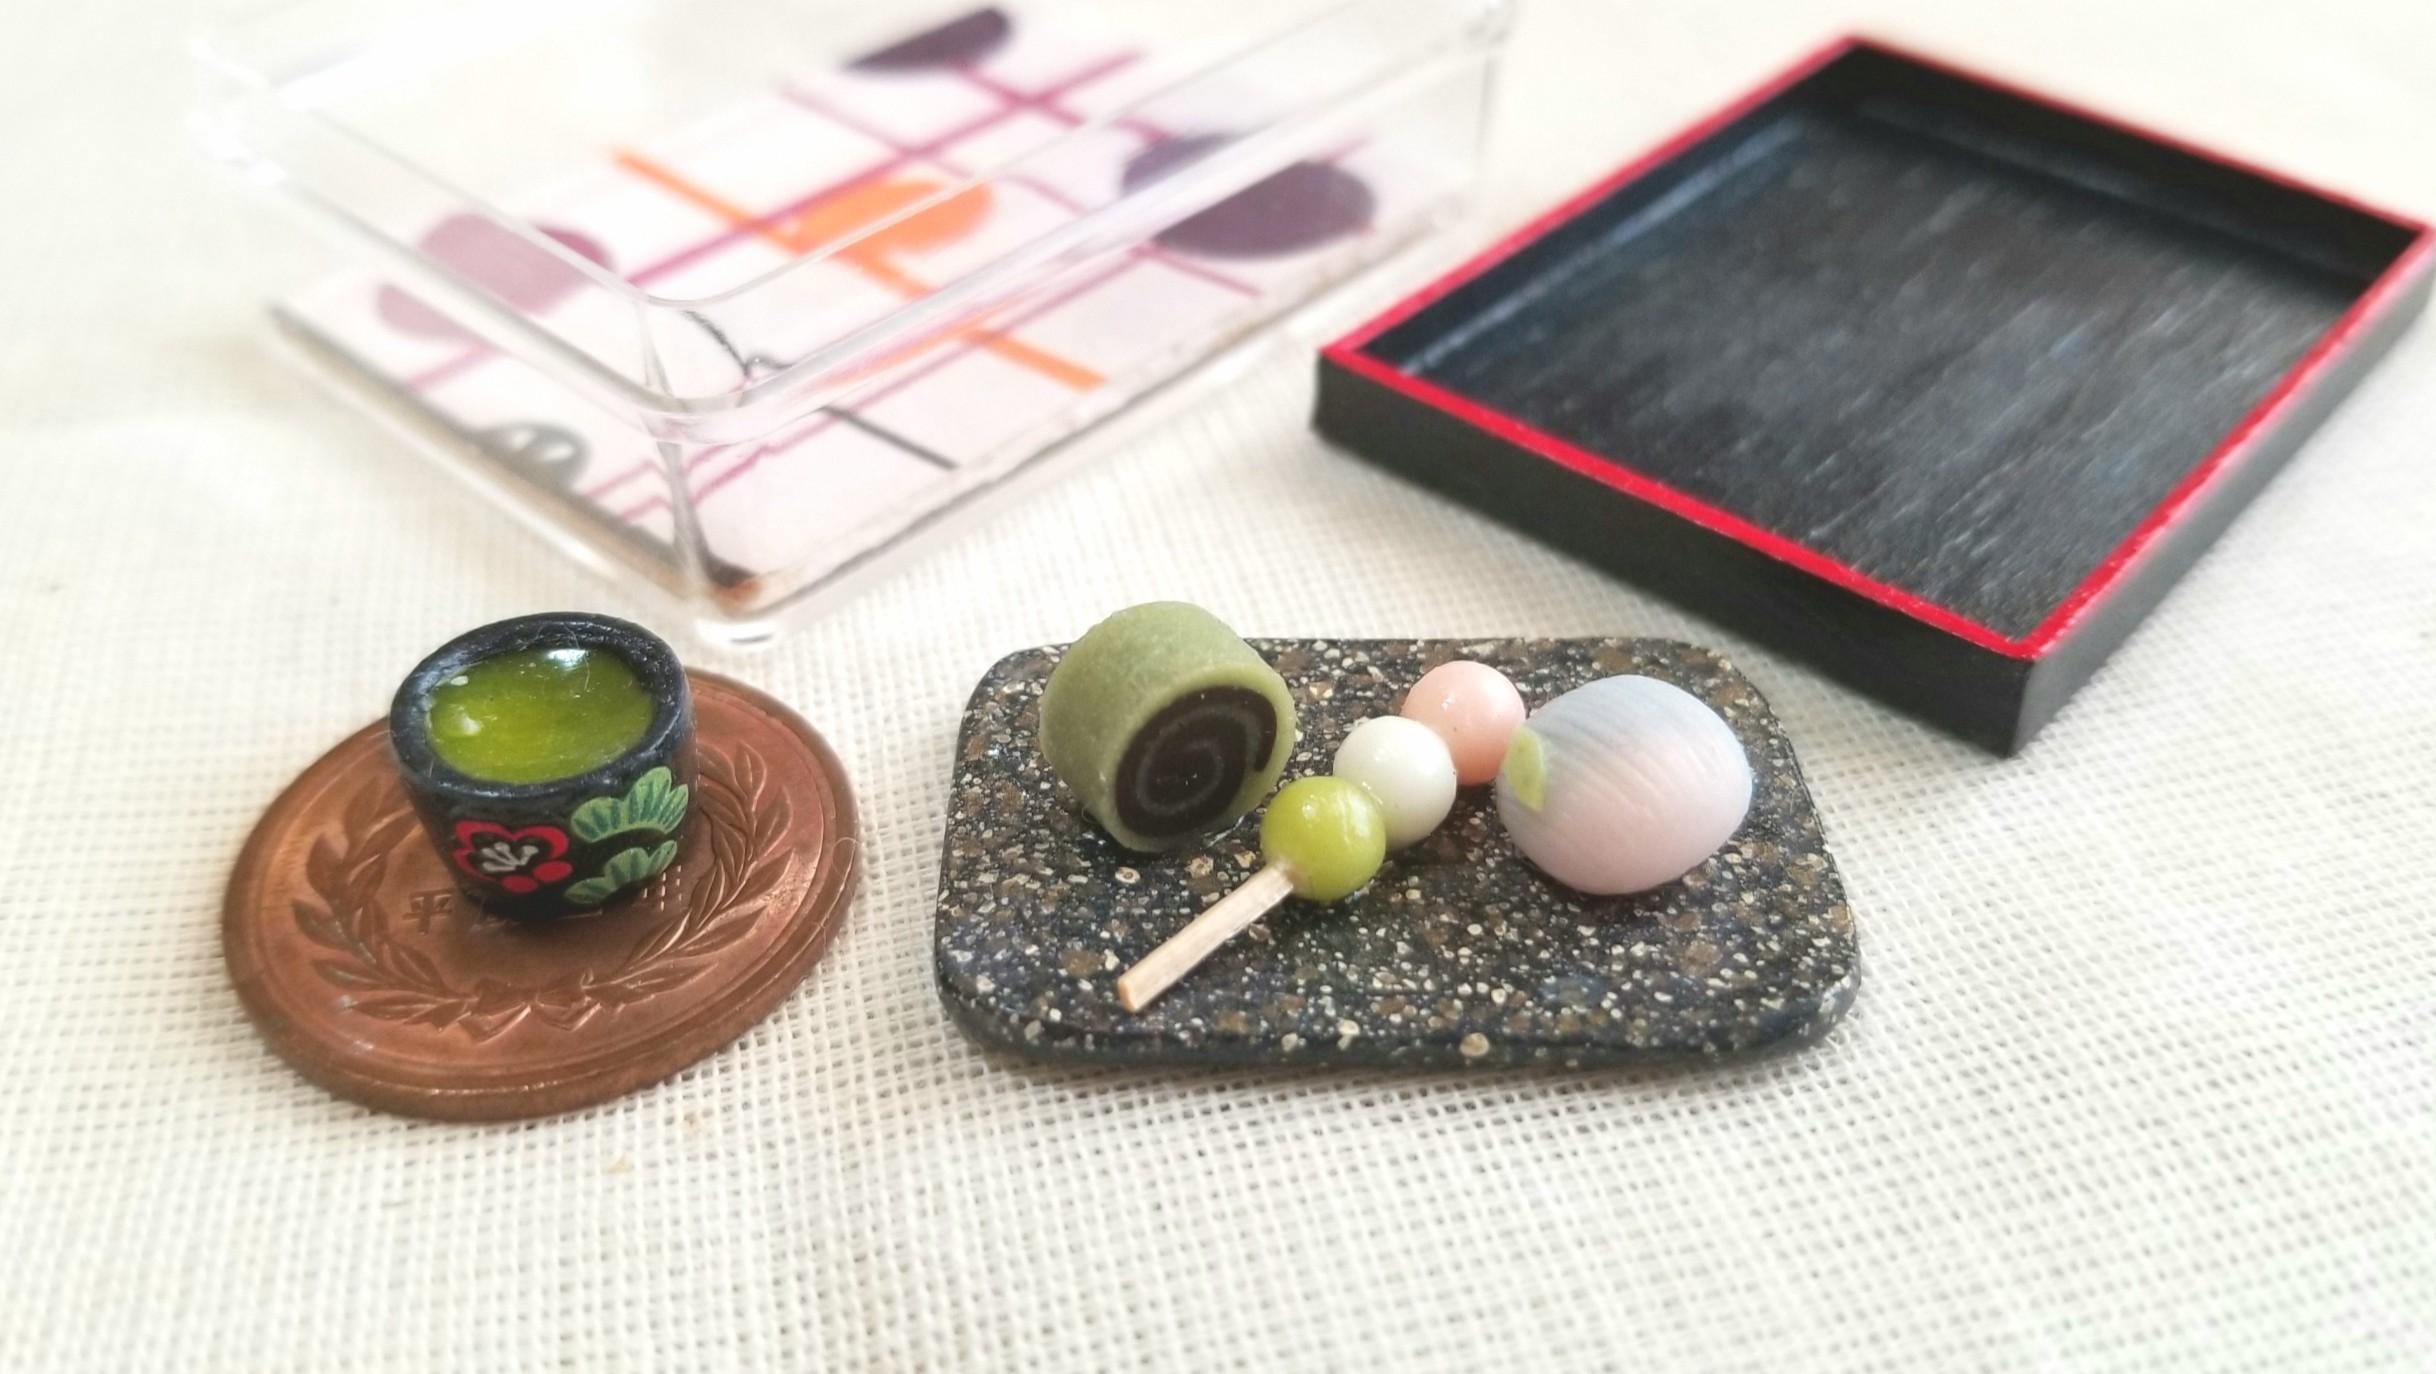 和菓子,三色団子,練りきり藤,抹茶餡,可愛,絶品,小さい,美味しい,古風